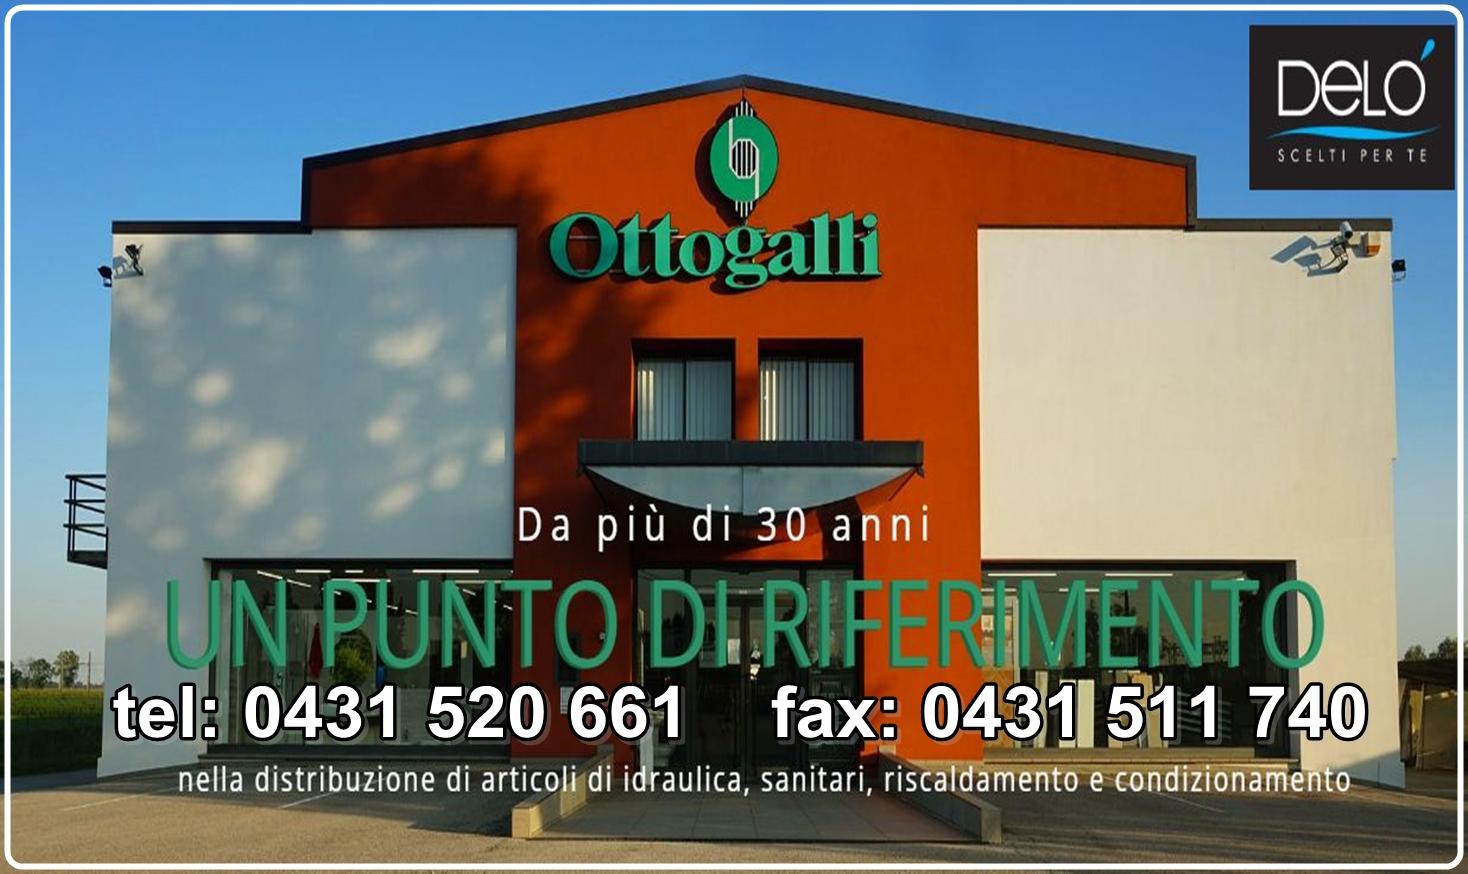 Ottogalli